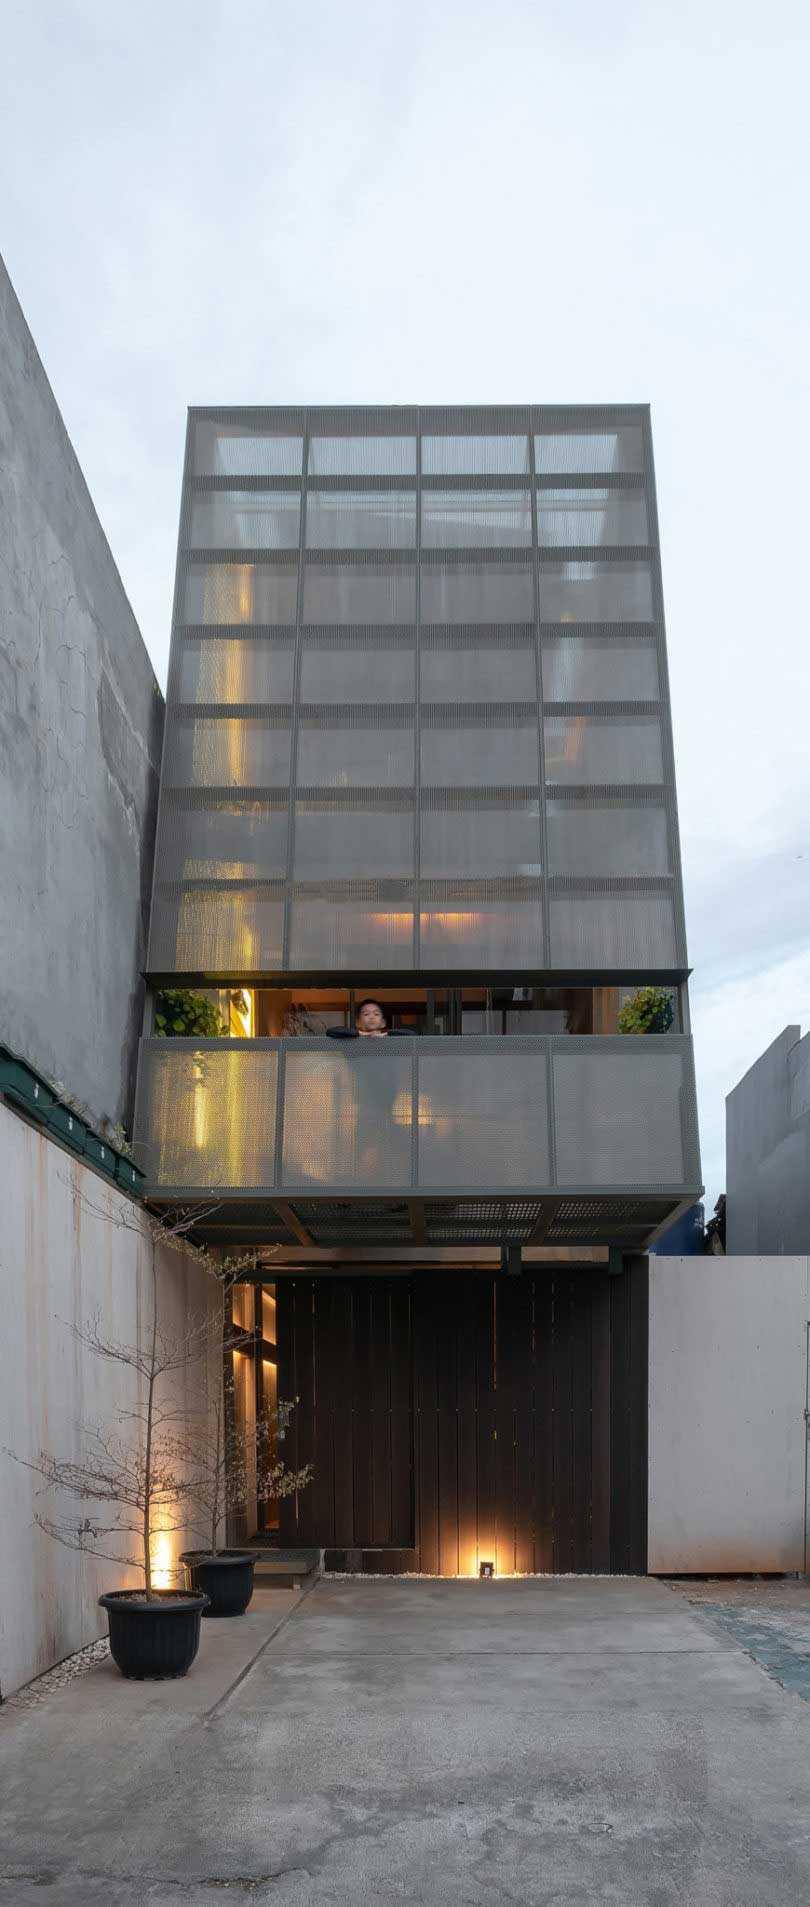 Ago Architects, via design-milk.com